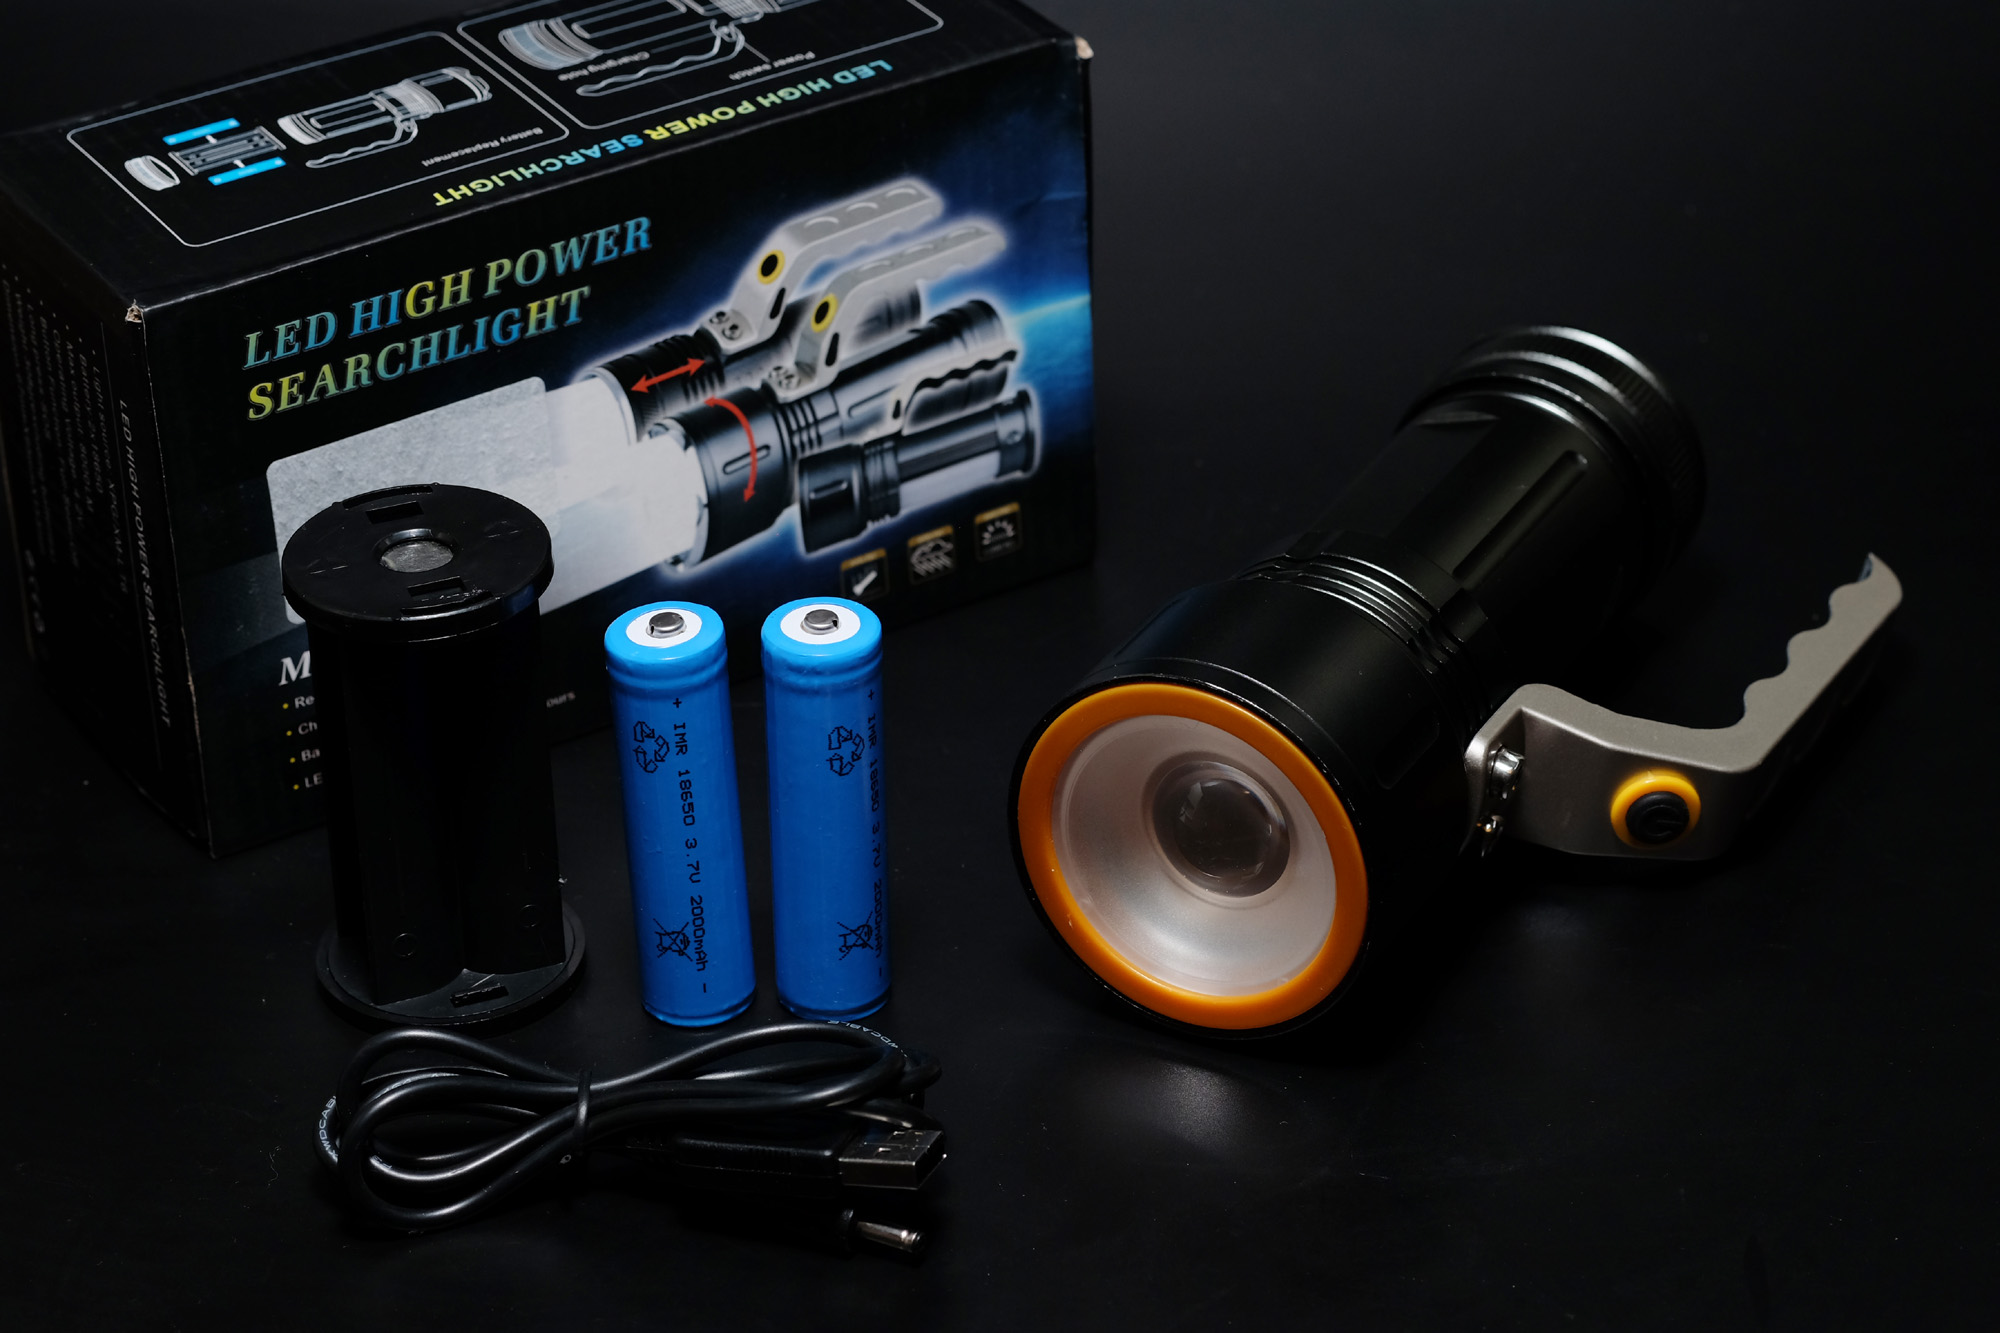 台風の備えは、出来ましたか? 安いLED懐中電灯をamazonで購入してみた。